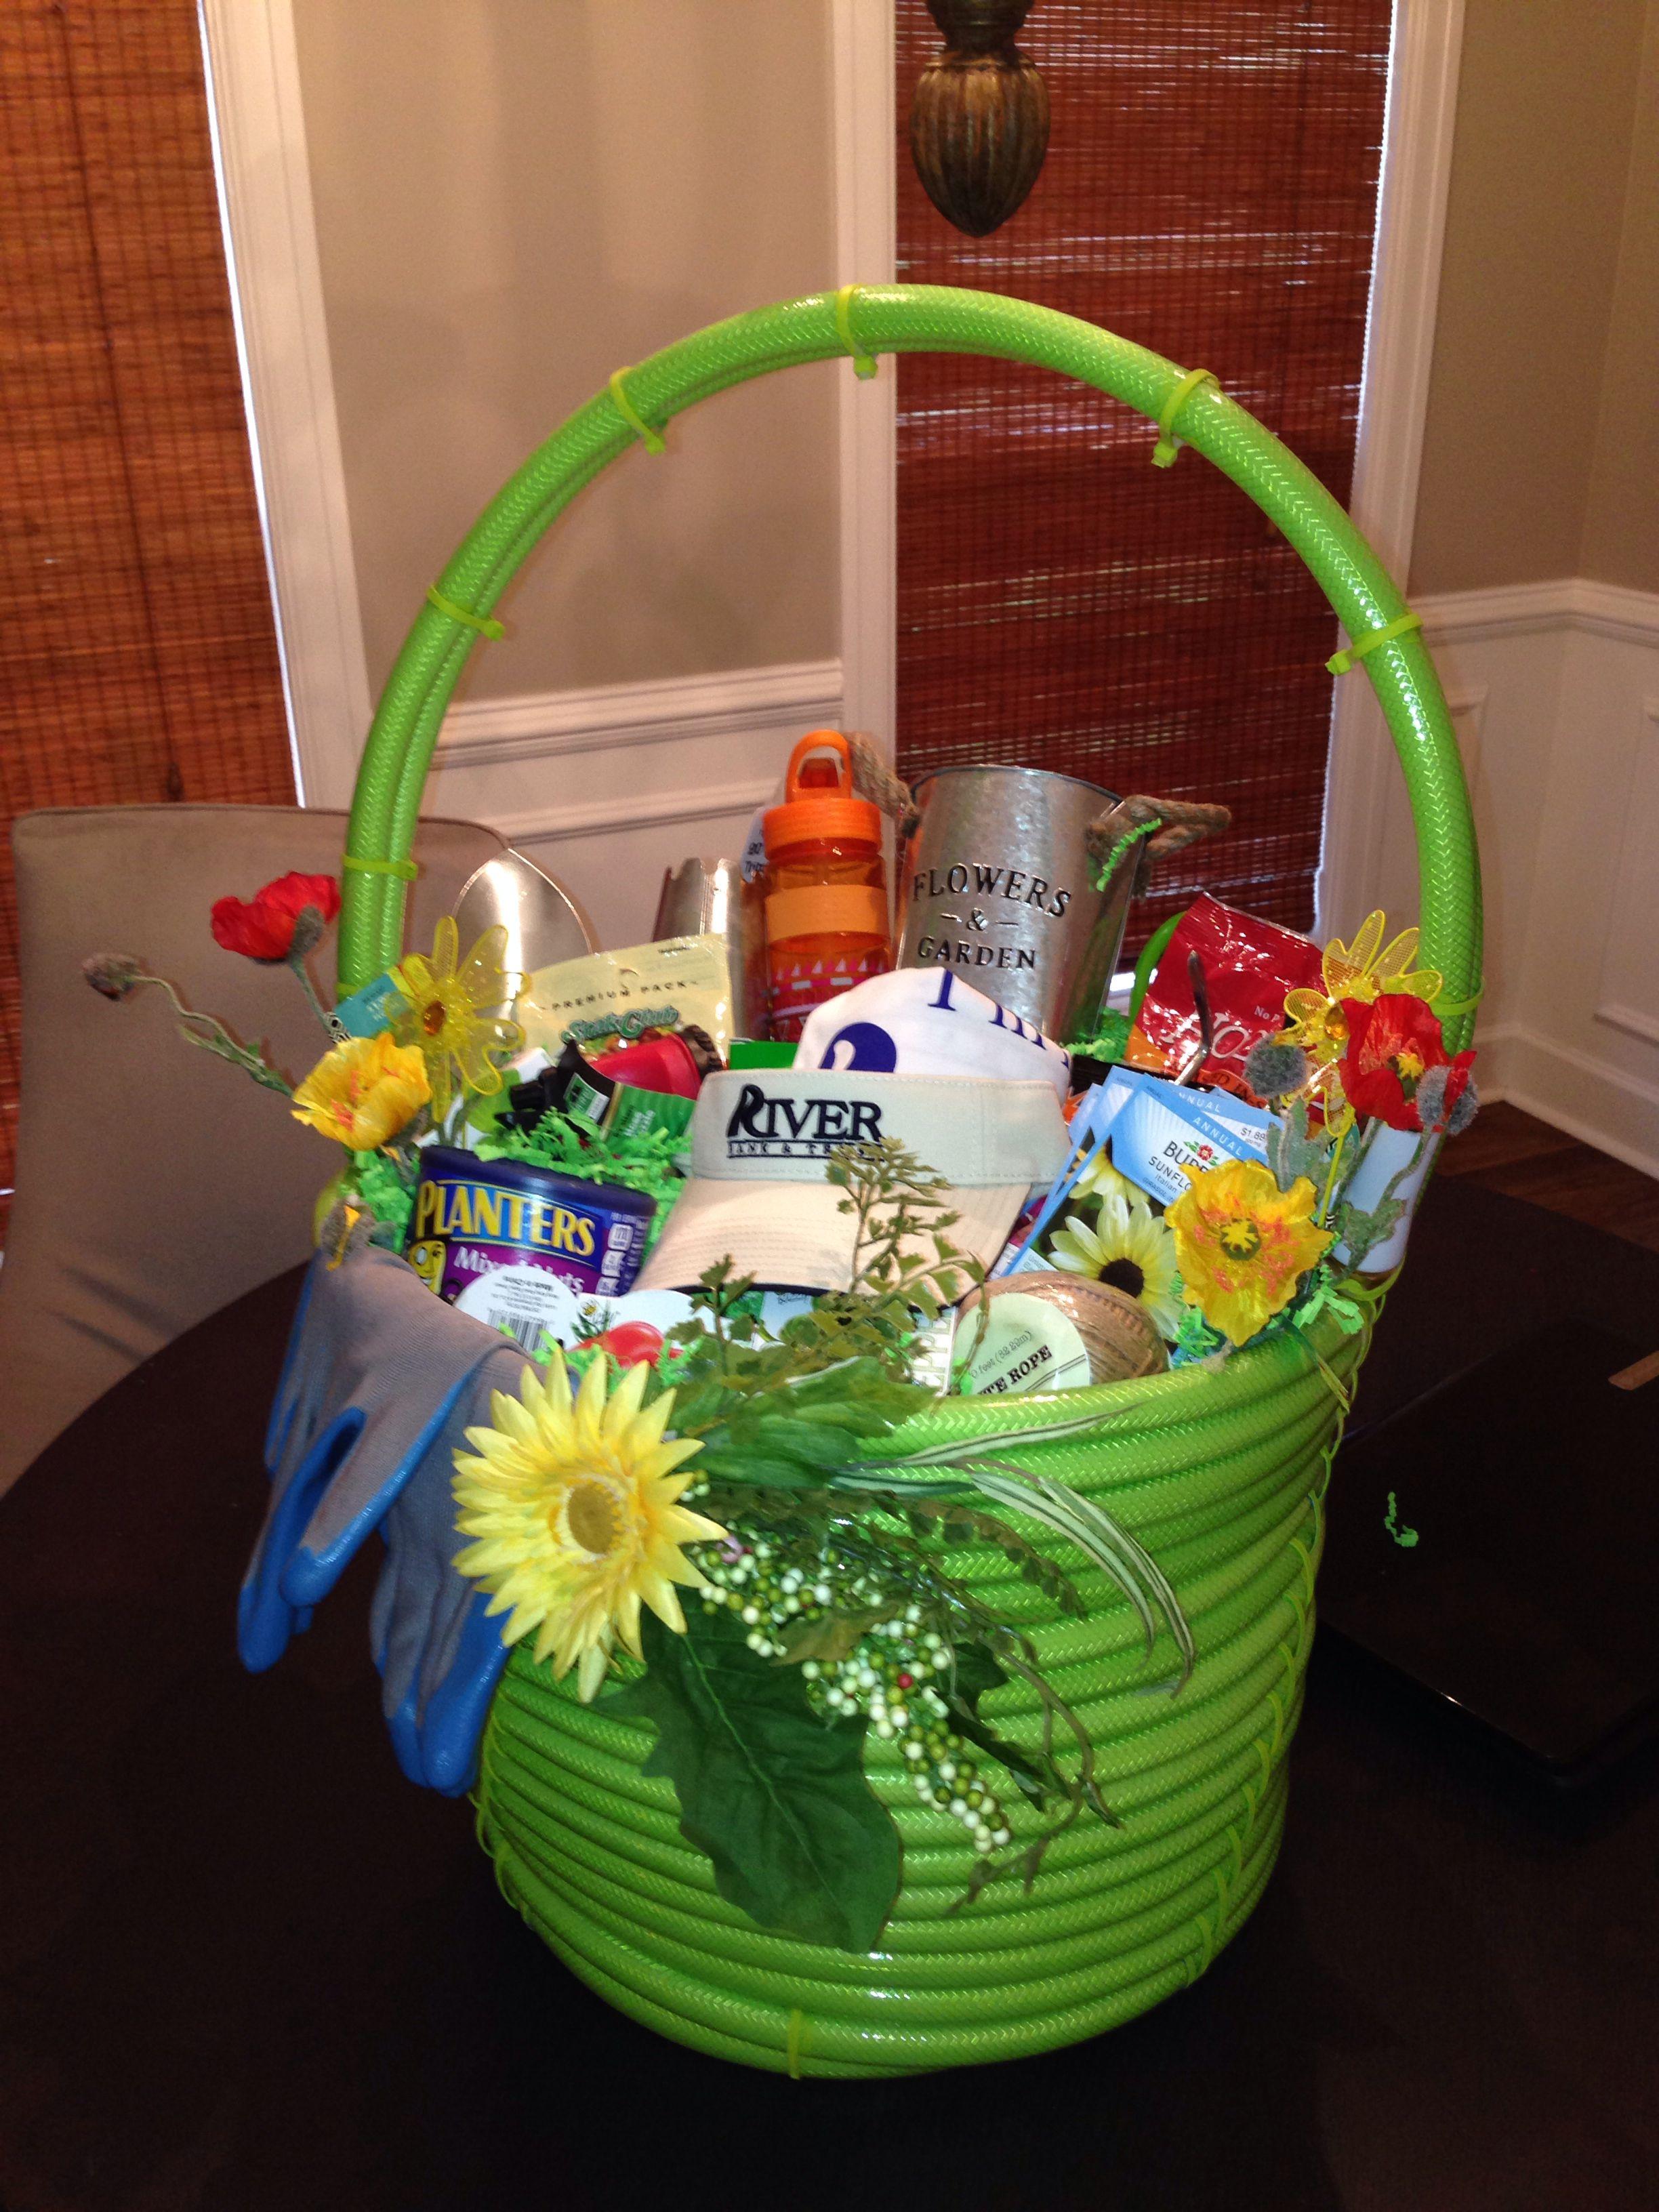 Garden Hose Gift Basket Gardening gift baskets, Garden